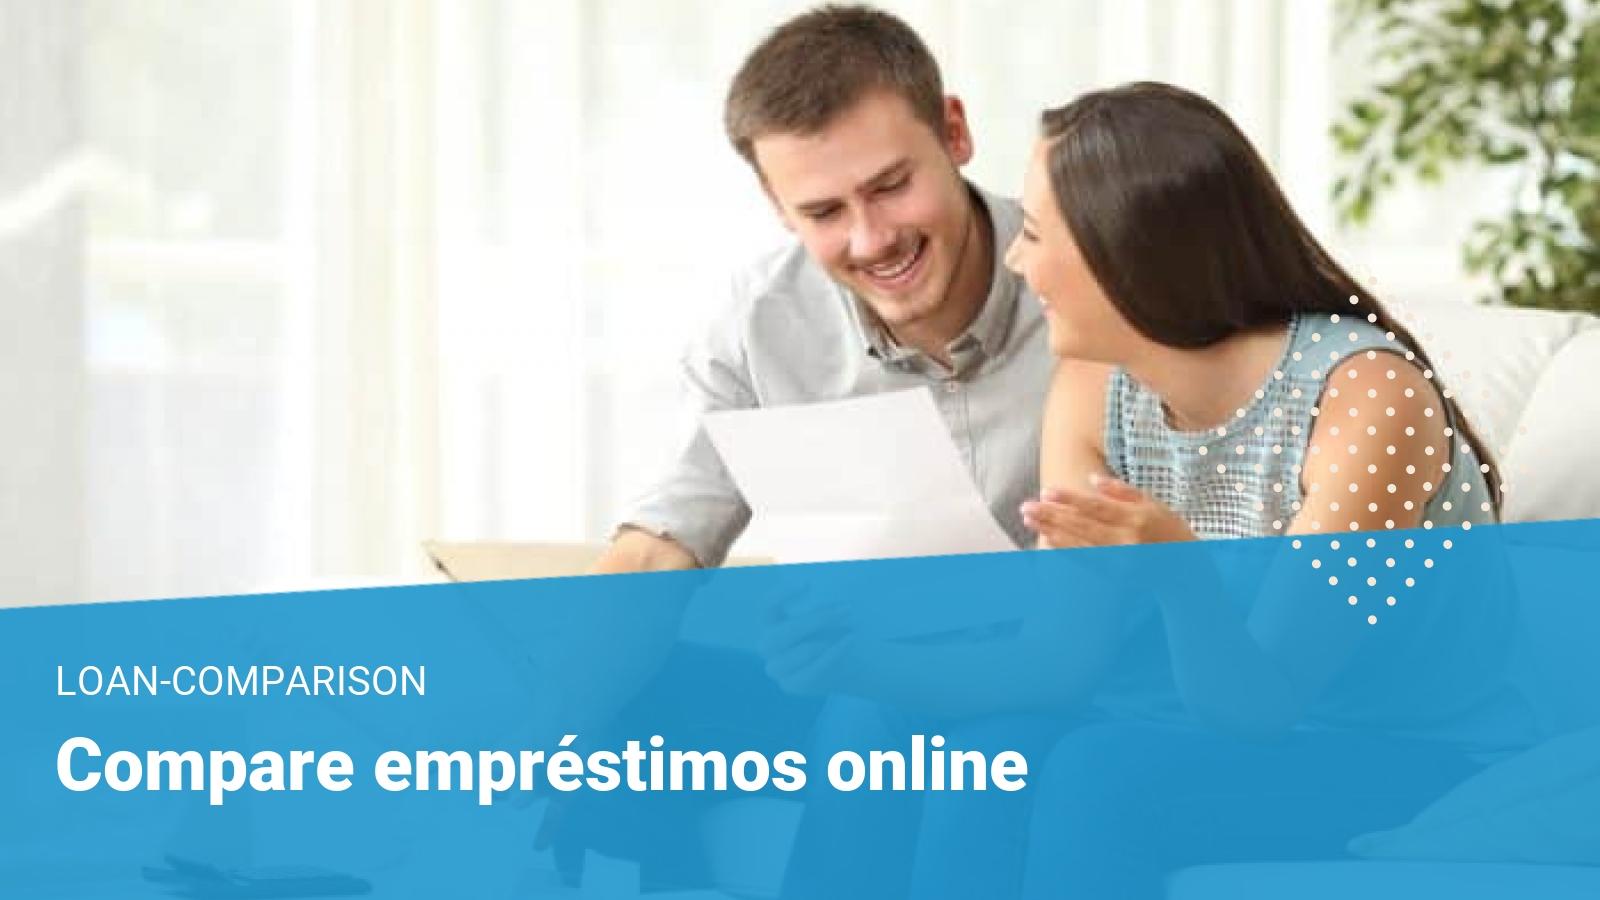 Empréstimo Online: dinheiro em sua conta em até 48 horas, saiba como